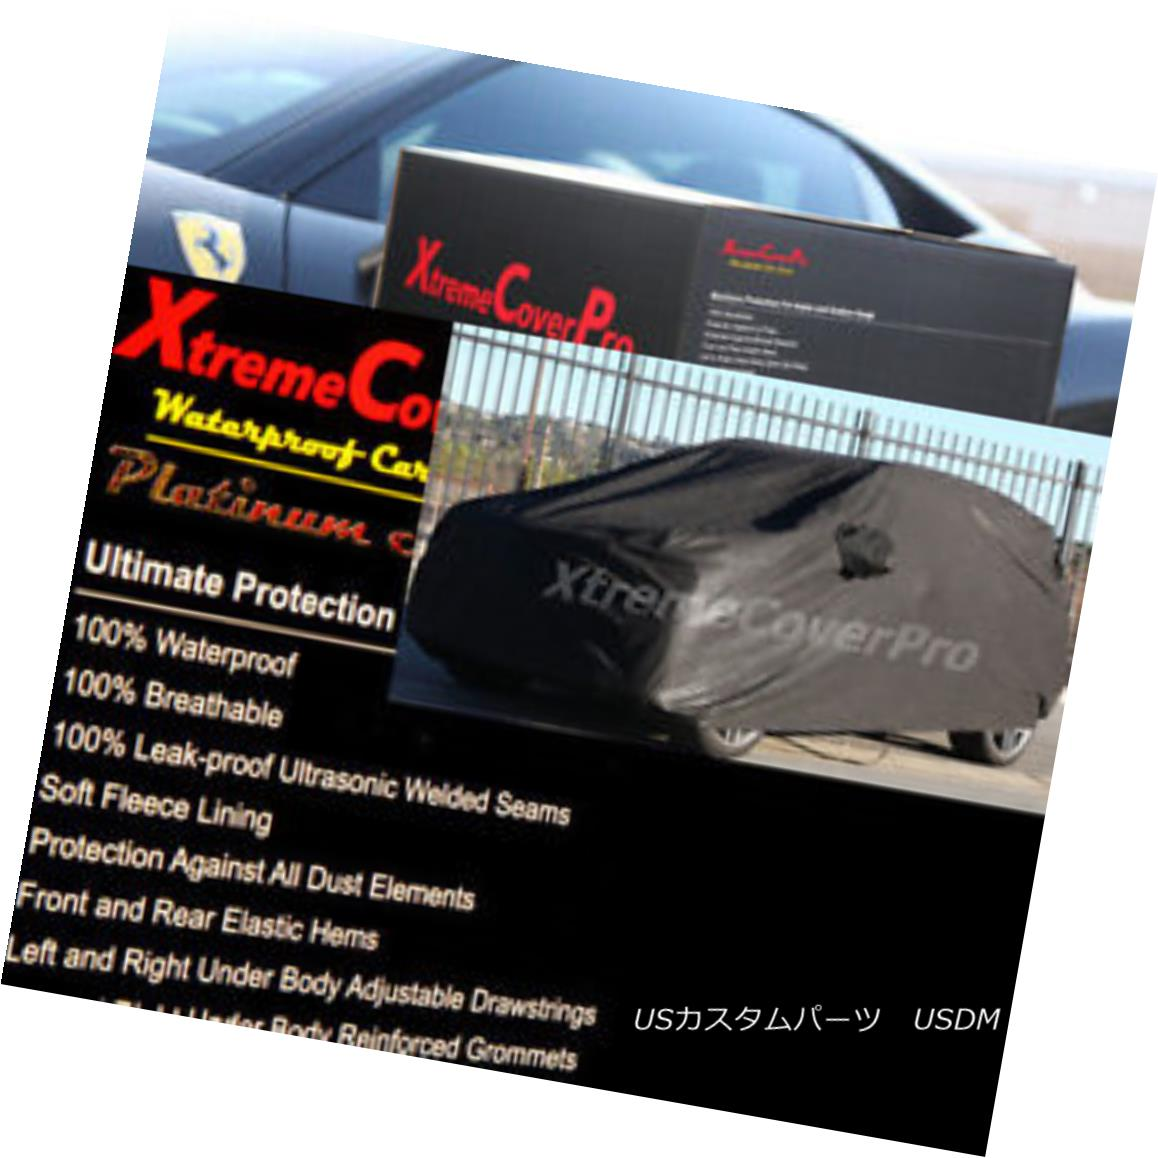 カーカバー 2008 2009 Saturn Vue Waterproof Car Cover w/MirrorPocket 2008年のサターンVue防水カーカバー付きMirrorPocket